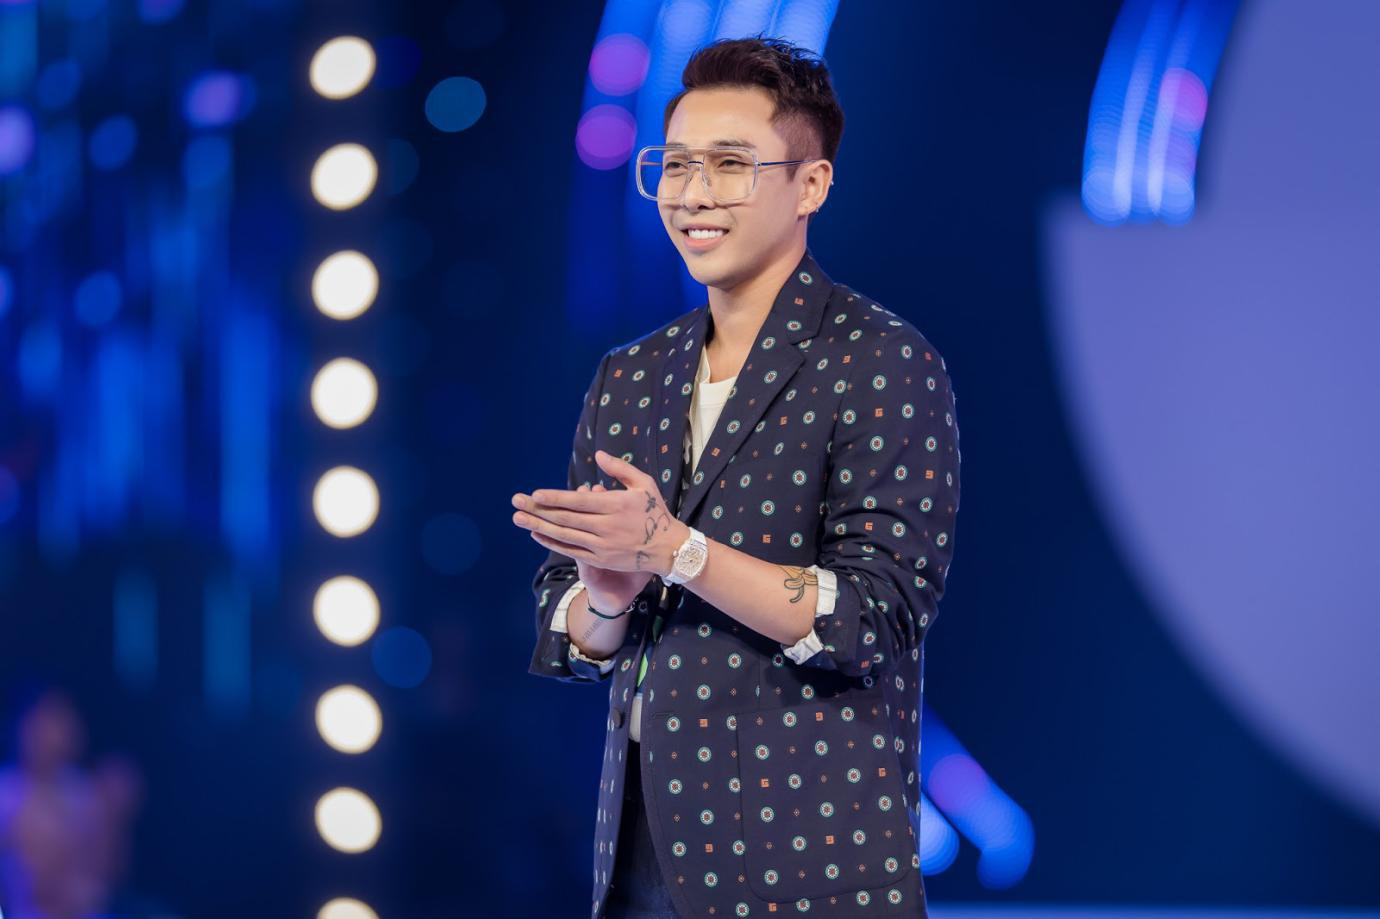 Hoàng Ku: Stylist không chỉ cho người nổi tiếng, tôi muốn làm stylist cho người bình thường có ước mơ - Ảnh 2.